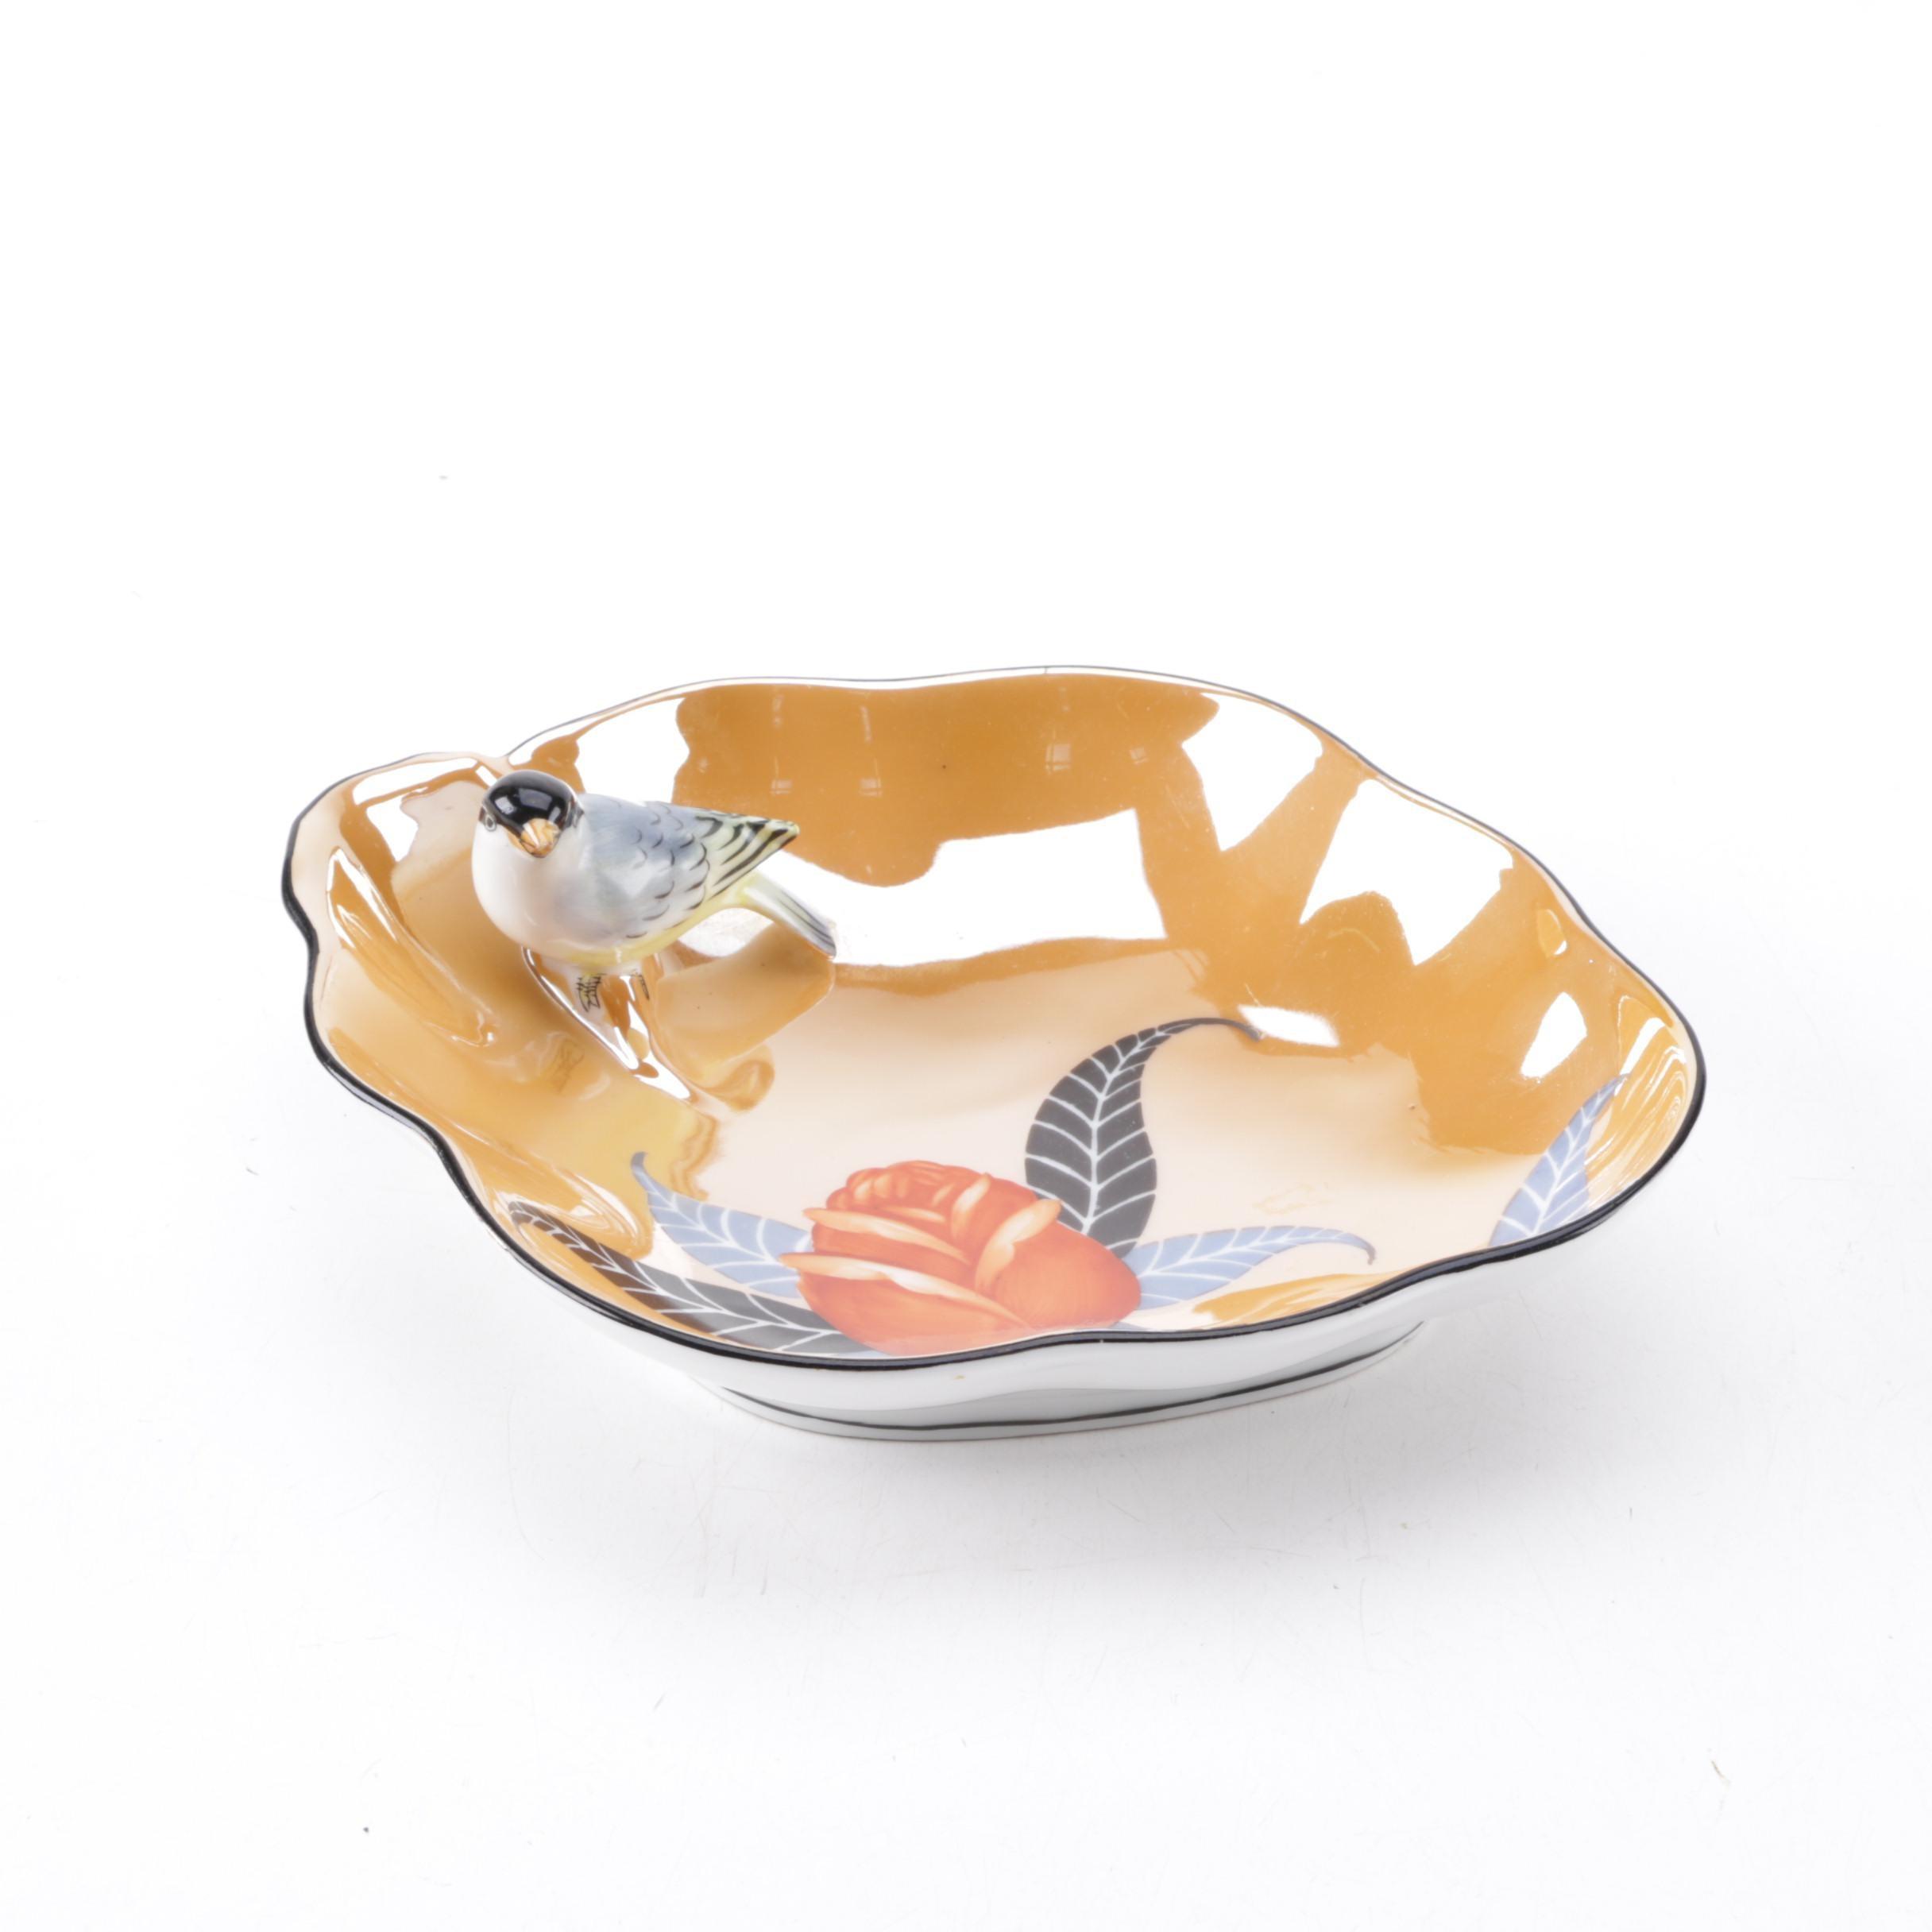 Noritake Figural Bird Bowl